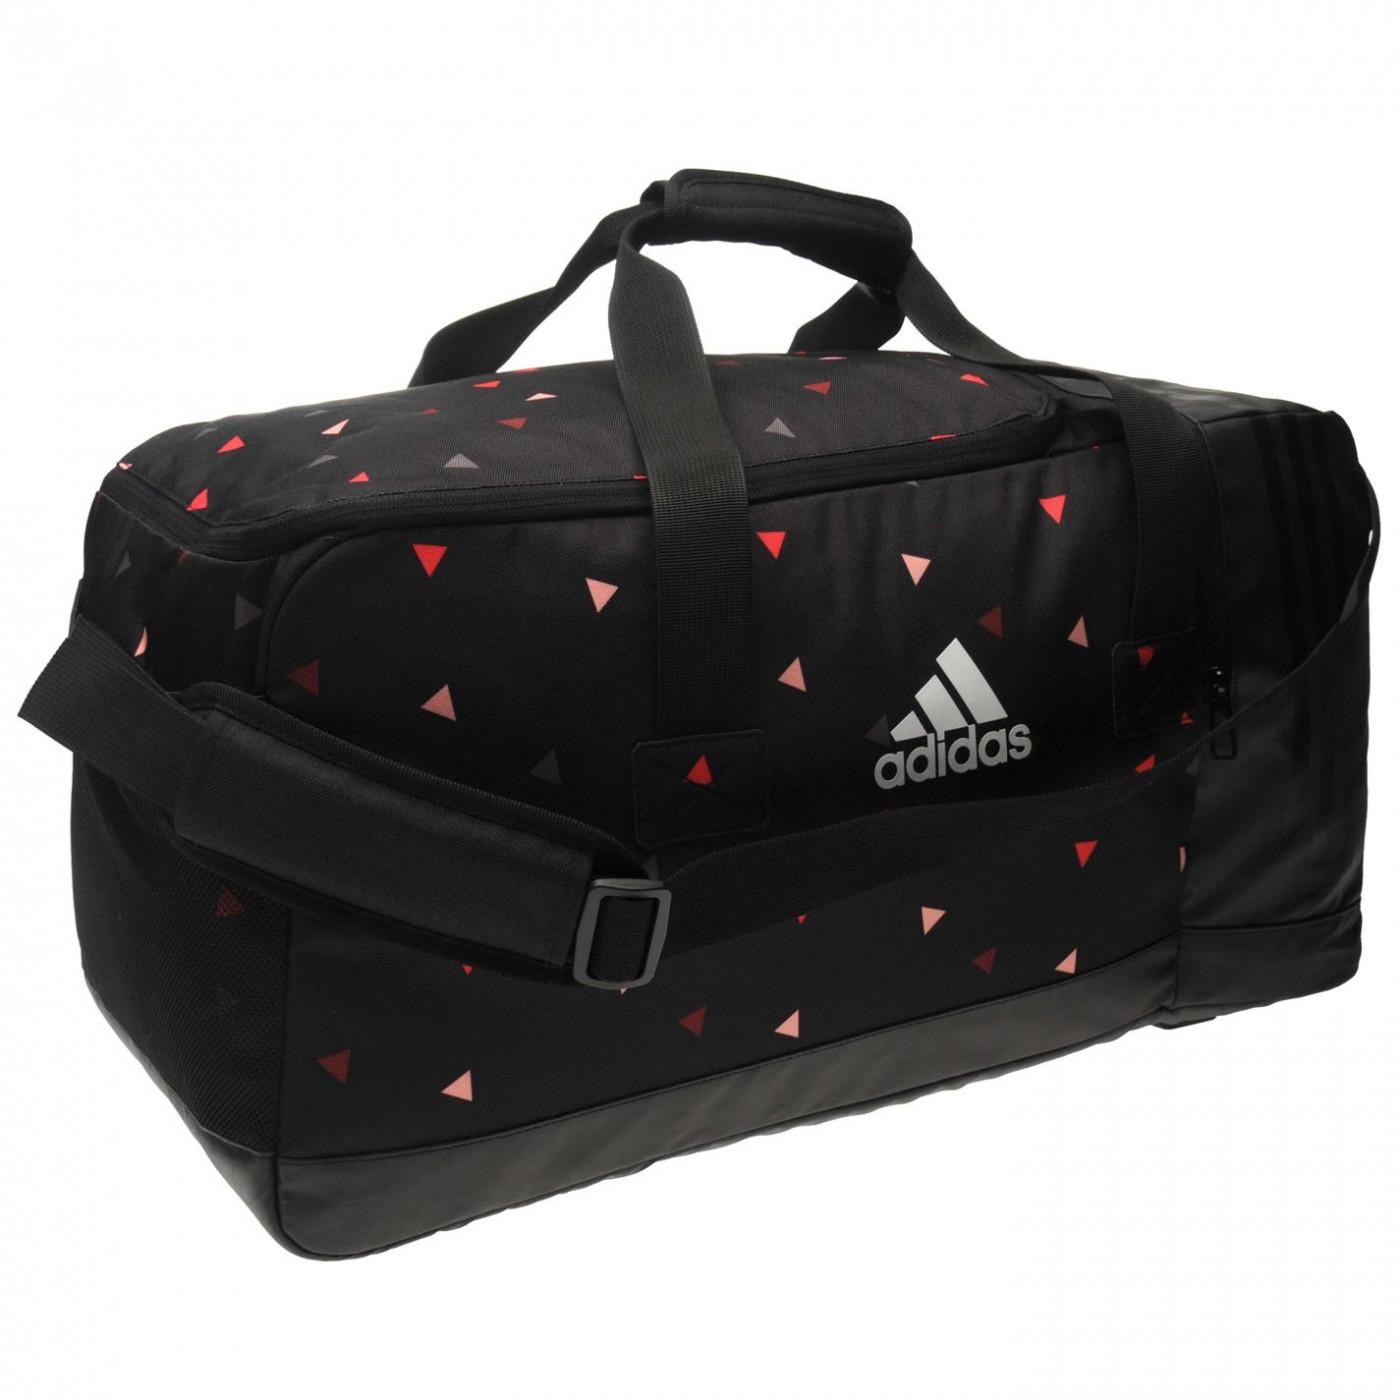 adidas 3S Performance Teambag Holdall Ladies